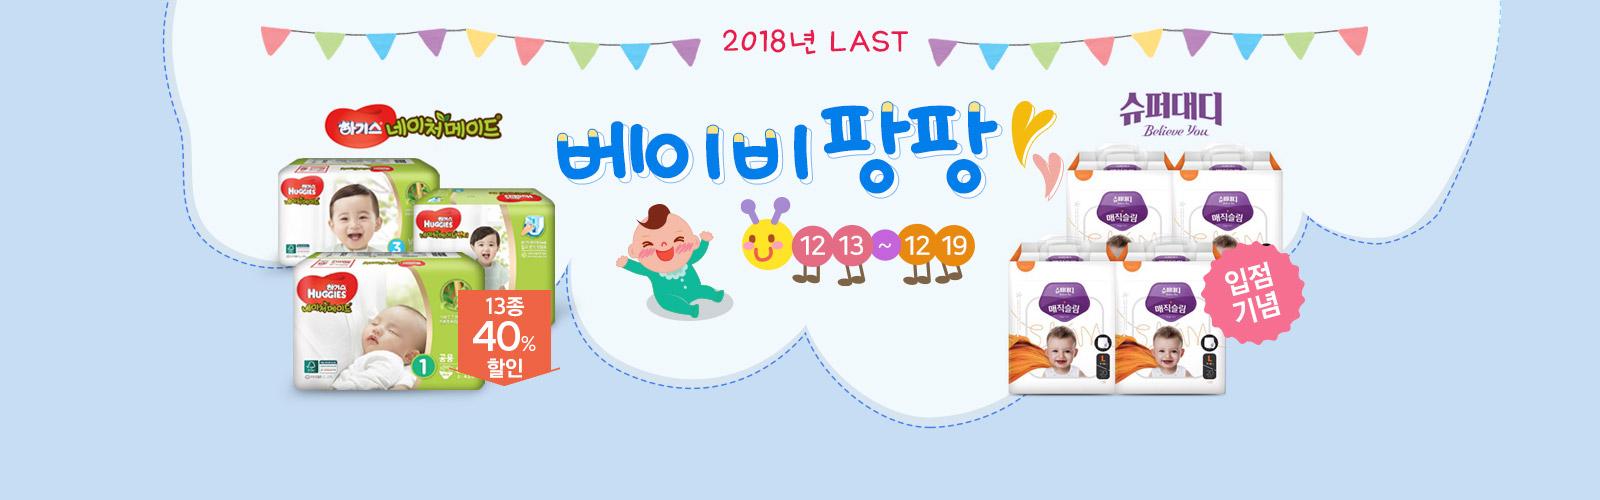 2018 LAST 베이비팡팡 12.13~12.19  하기스  네이처 메이드  슈퍼대디 입점기념